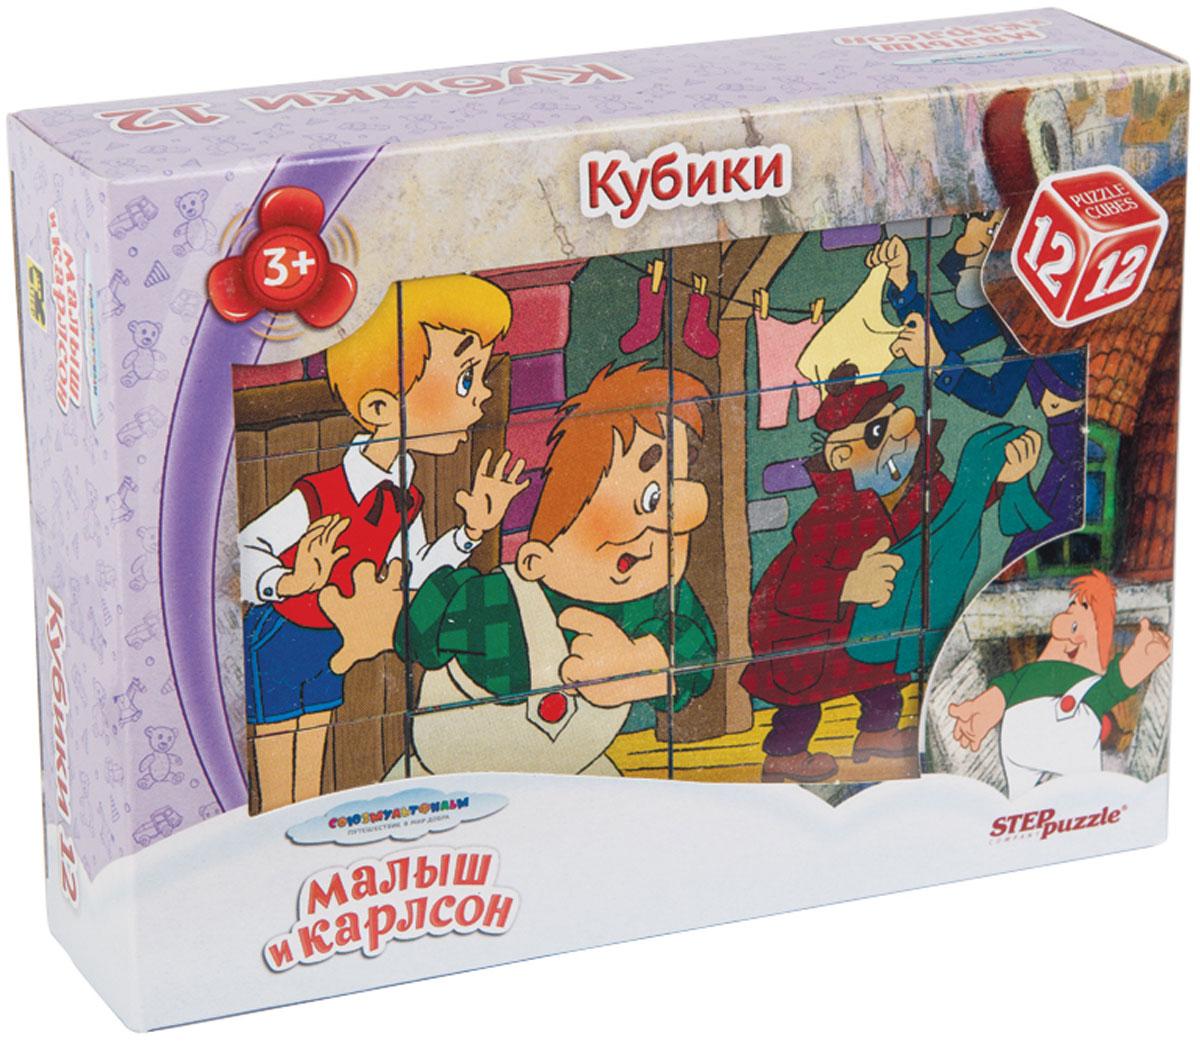 Step Puzzle Кубики Малыш и Карлсон87342С помощью кубиков Step Puzzle ребенок сможет собрать целых шесть красочных картинок с любимыми героями мультфильма Малыш и Карлсон. Наборы из 12 кубиков - для тех, кто освоил навык сборки картинки из 9 кубиков. Заложенный дидактический принцип От простого к сложному позволит ребёнку поверить в свои силы. А герои популярных мультфильмов сделают кубики любимой игрушкой. Игра с кубиками развивает зрительное восприятие, наблюдательность, мелкую моторику рук и произвольные движения. Ребенок научится складывать целостный образ из частей, определять недостающие детали изображения. Это прекрасный комплект для развлечения и времяпрепровождения с пользой для малыша.